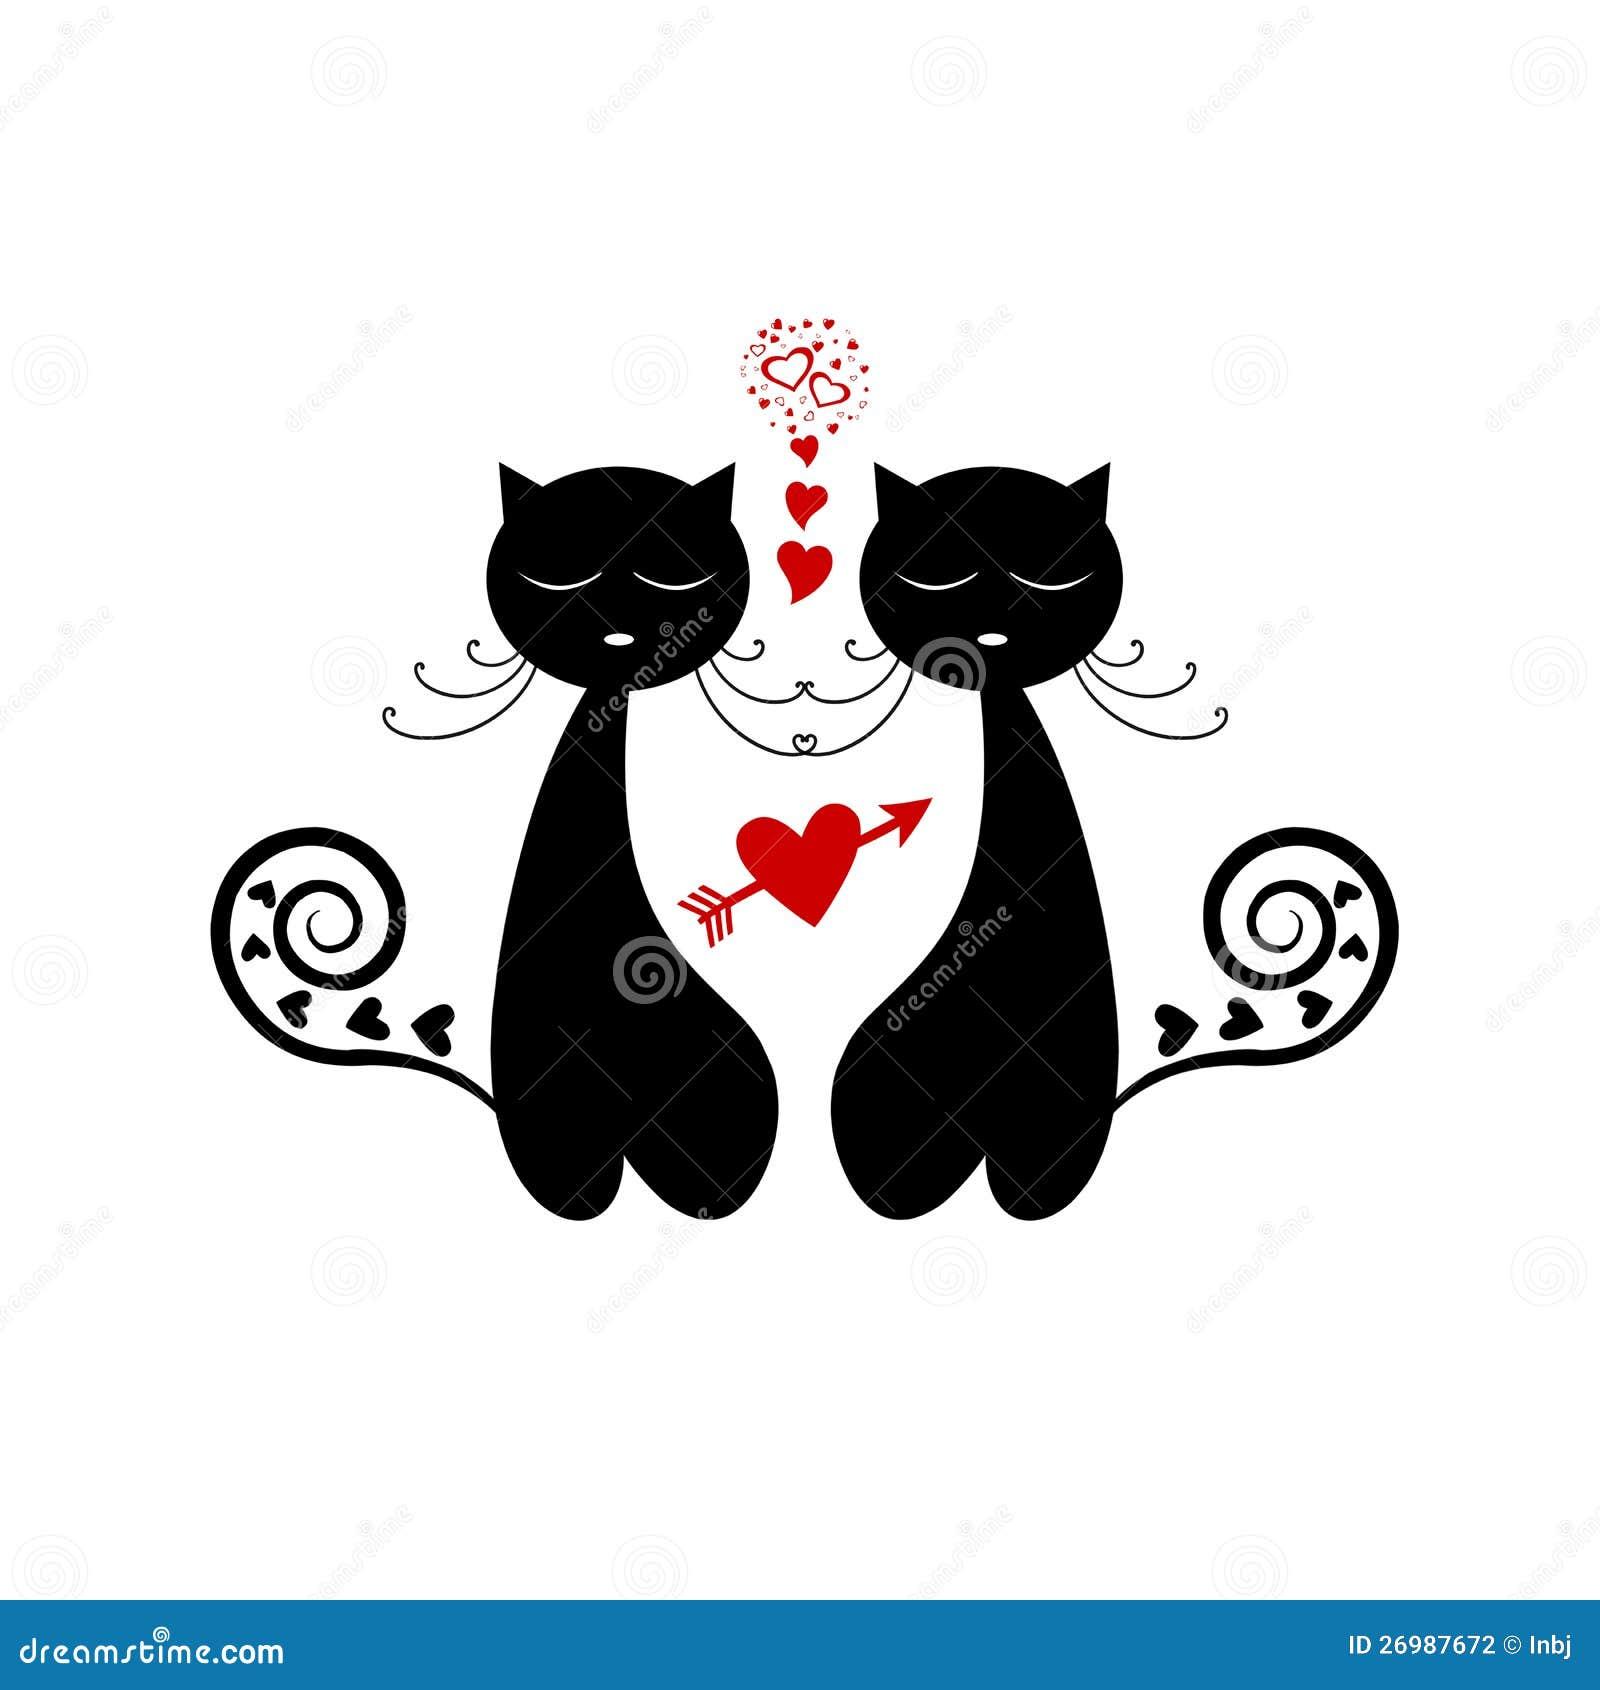 love cat silhouette stock vector illustration of outline kitten clipart gif kitchen clip art borders